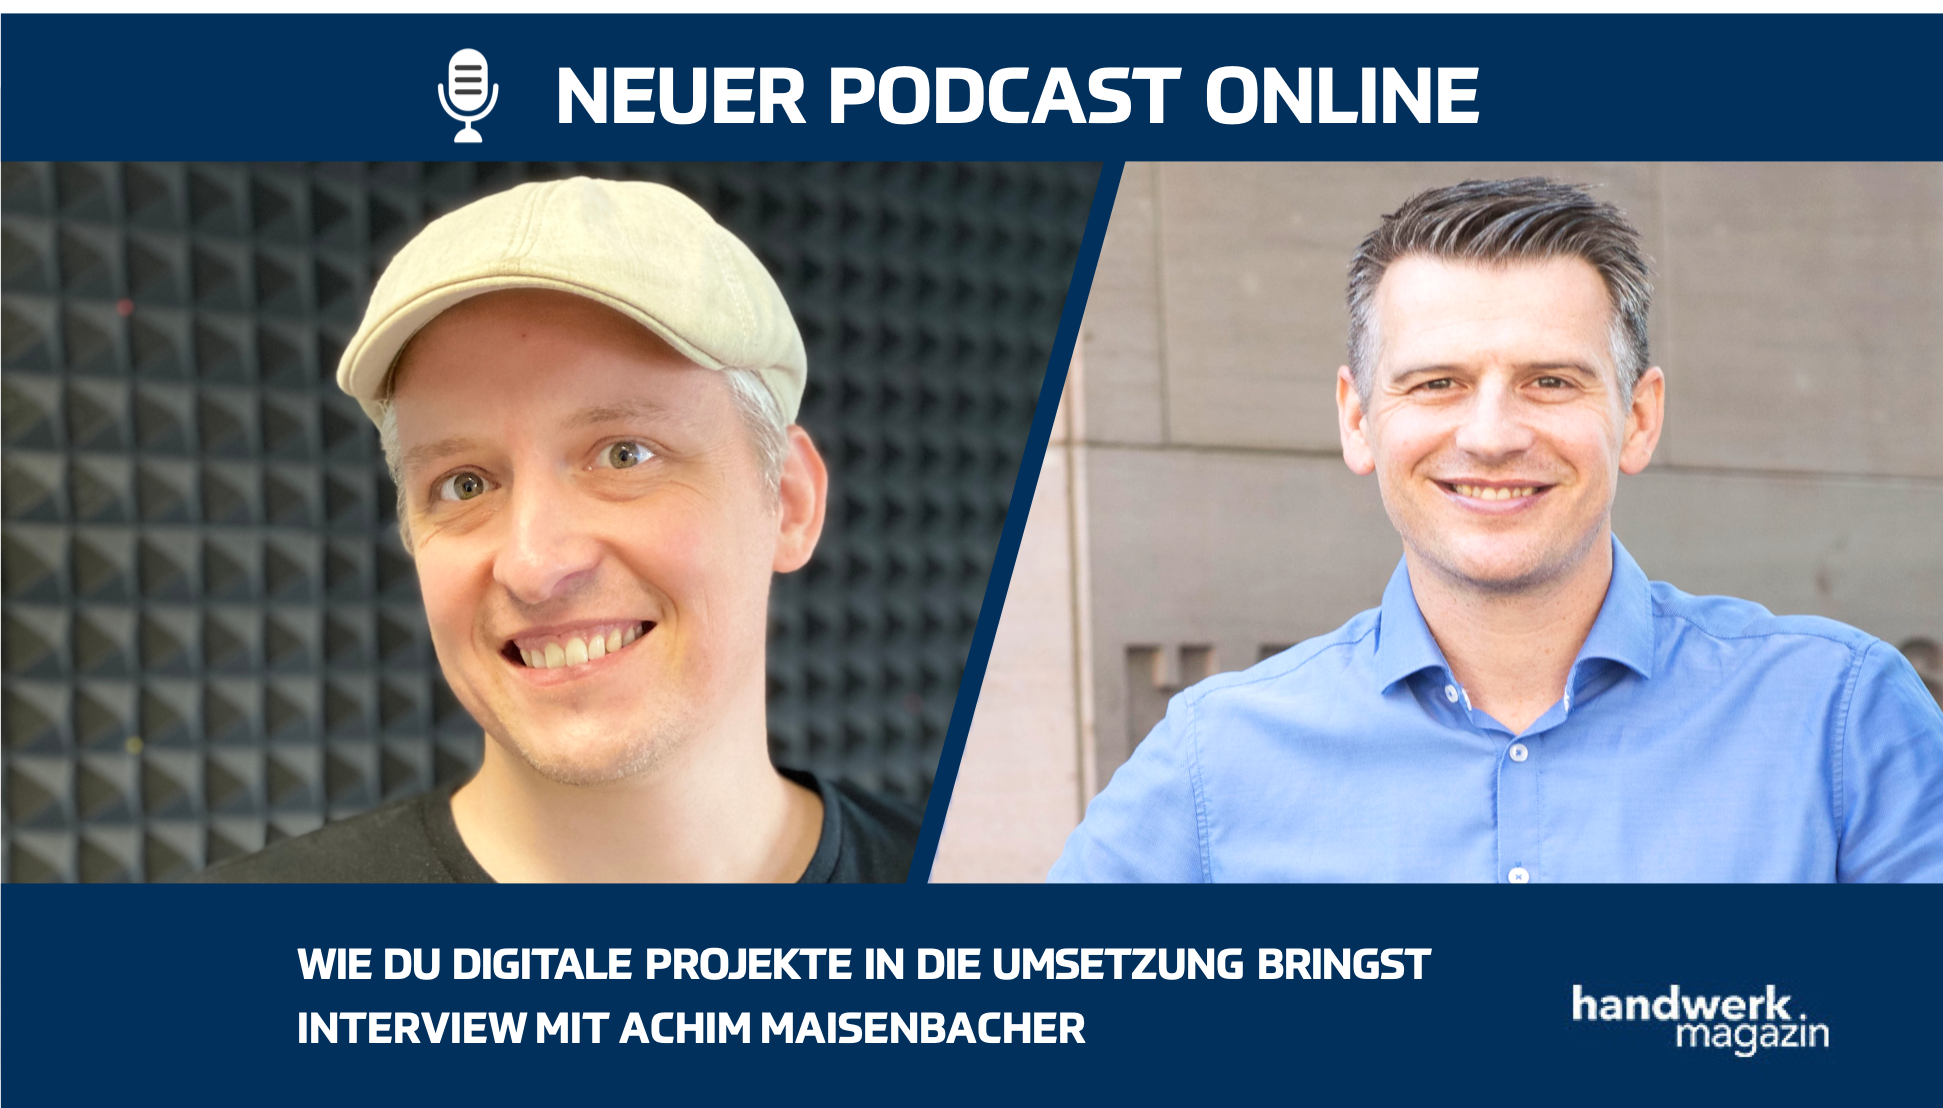 Wie Unternehmer digitale Projekte umsetzen: Interview mit Achim Maisenbacher